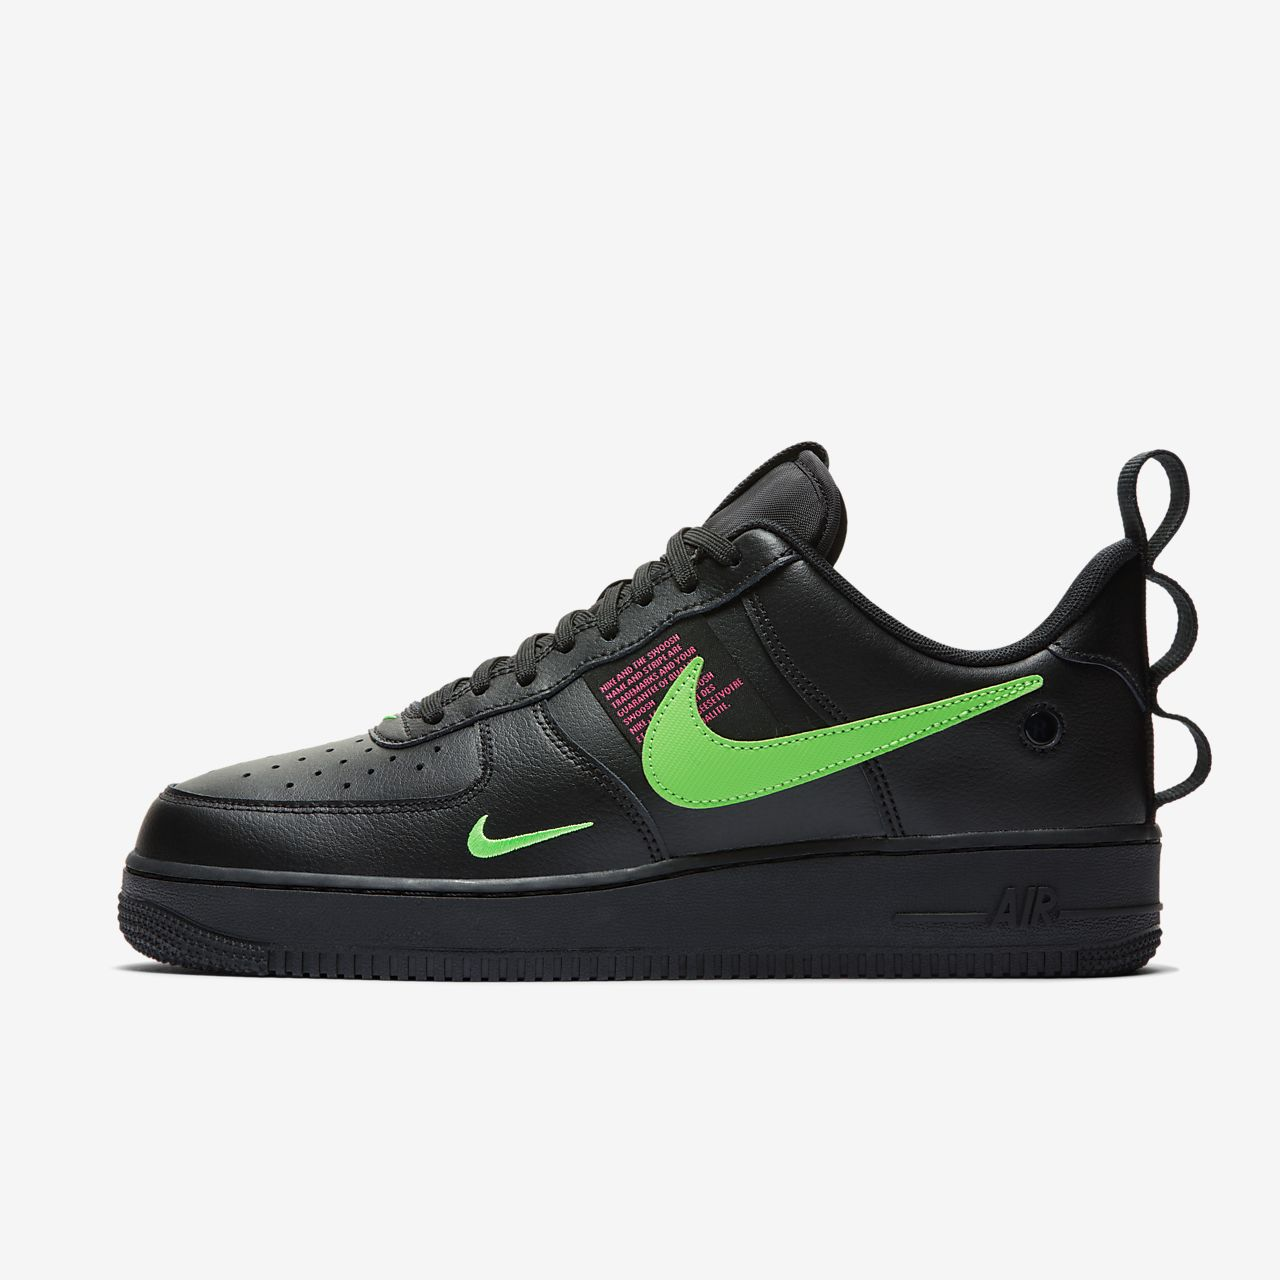 Sko Nike Air Force 1 LV8 UL för män